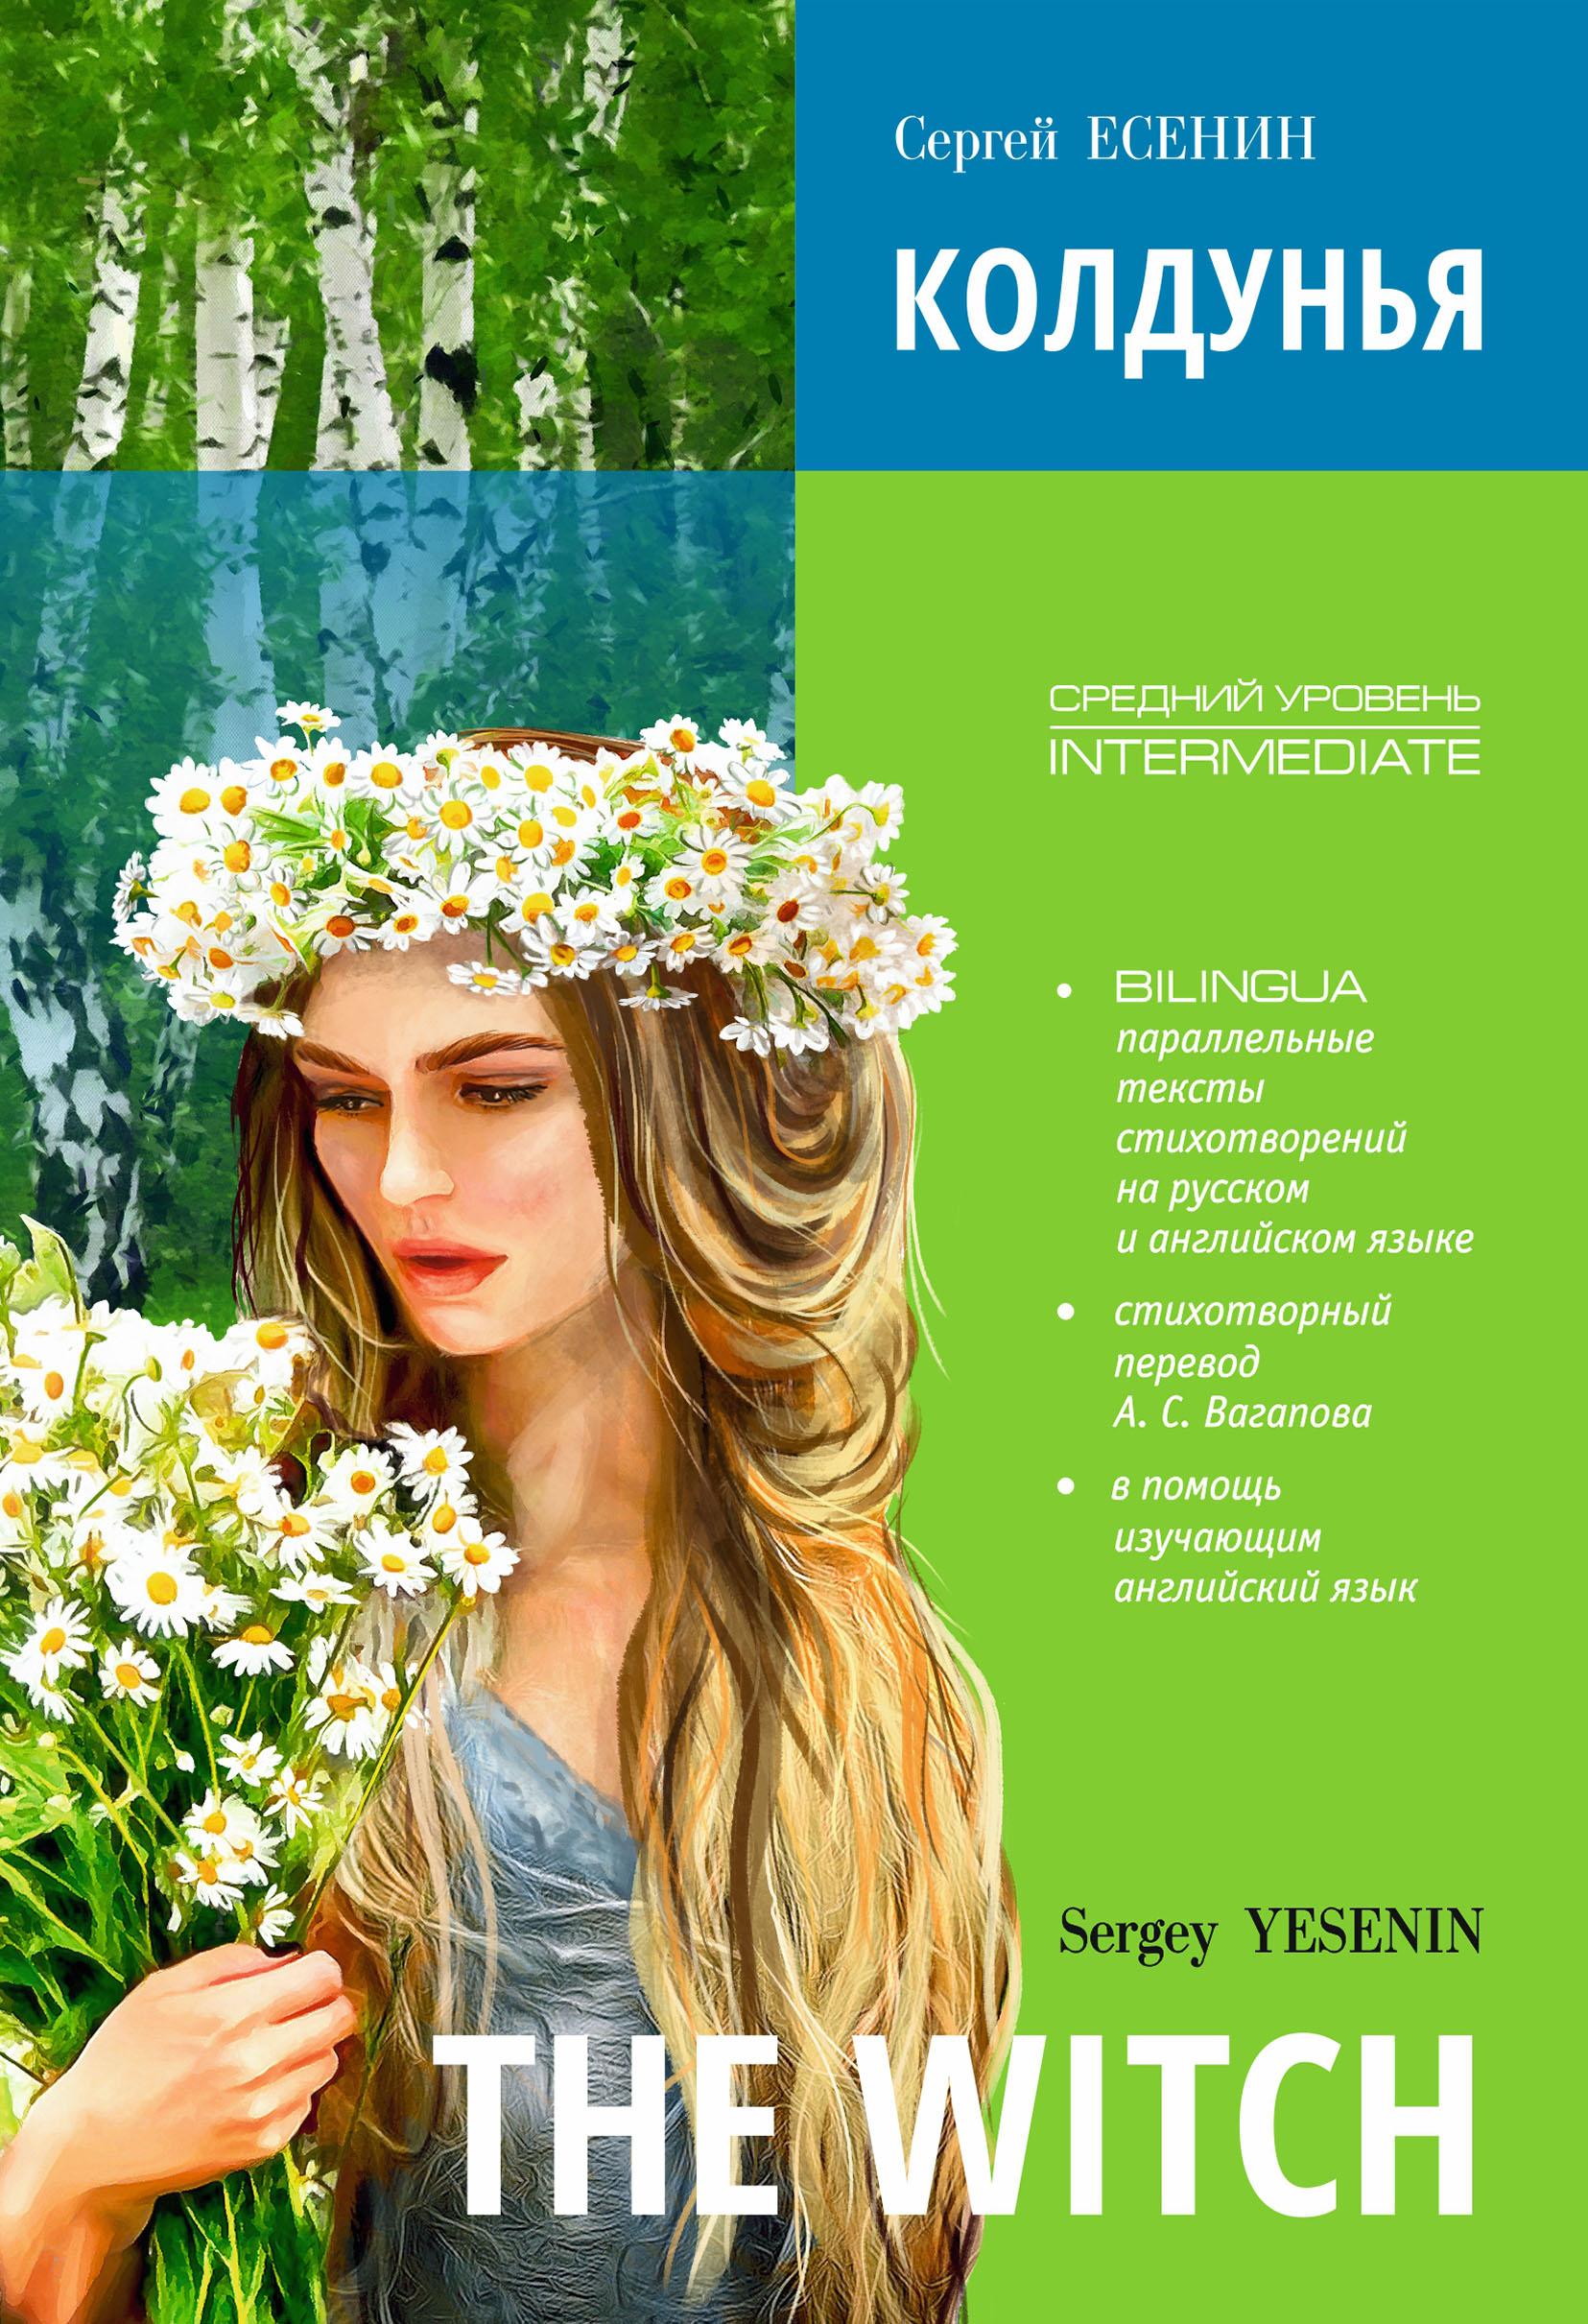 Колдунья. Стихотворения / The Witch. Poems. Книга c параллельным текстом на английском и русском языках